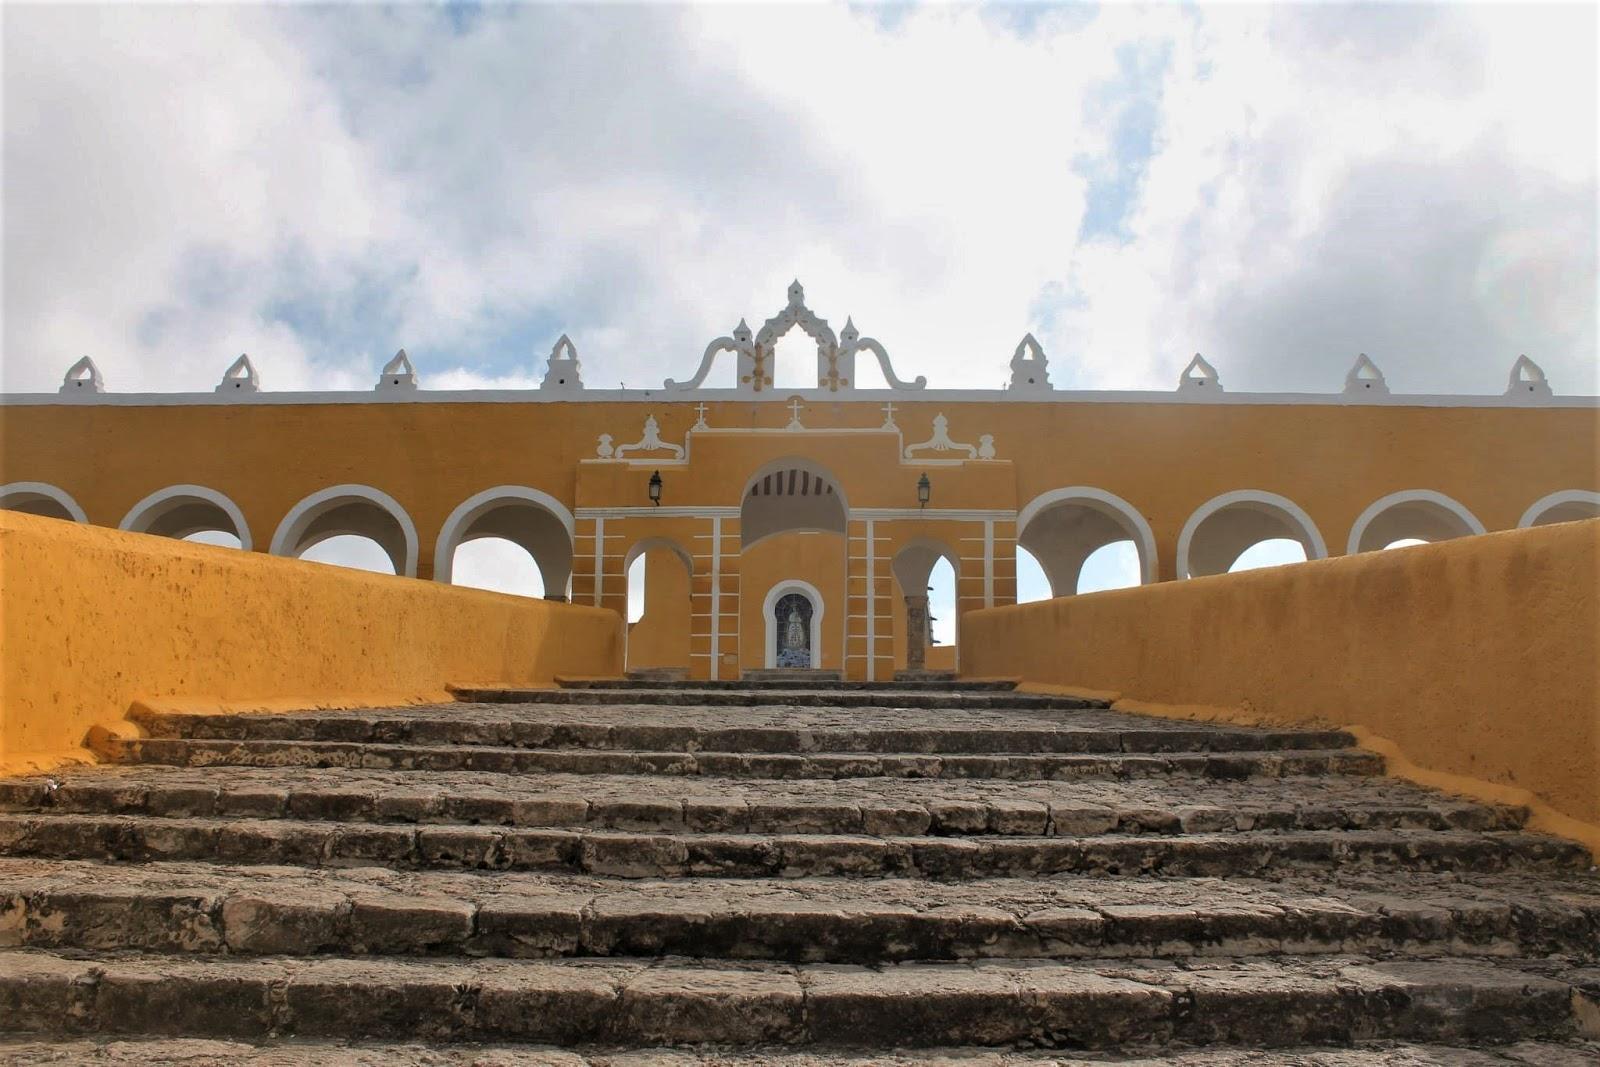 izamal monastero san antonio padova messico